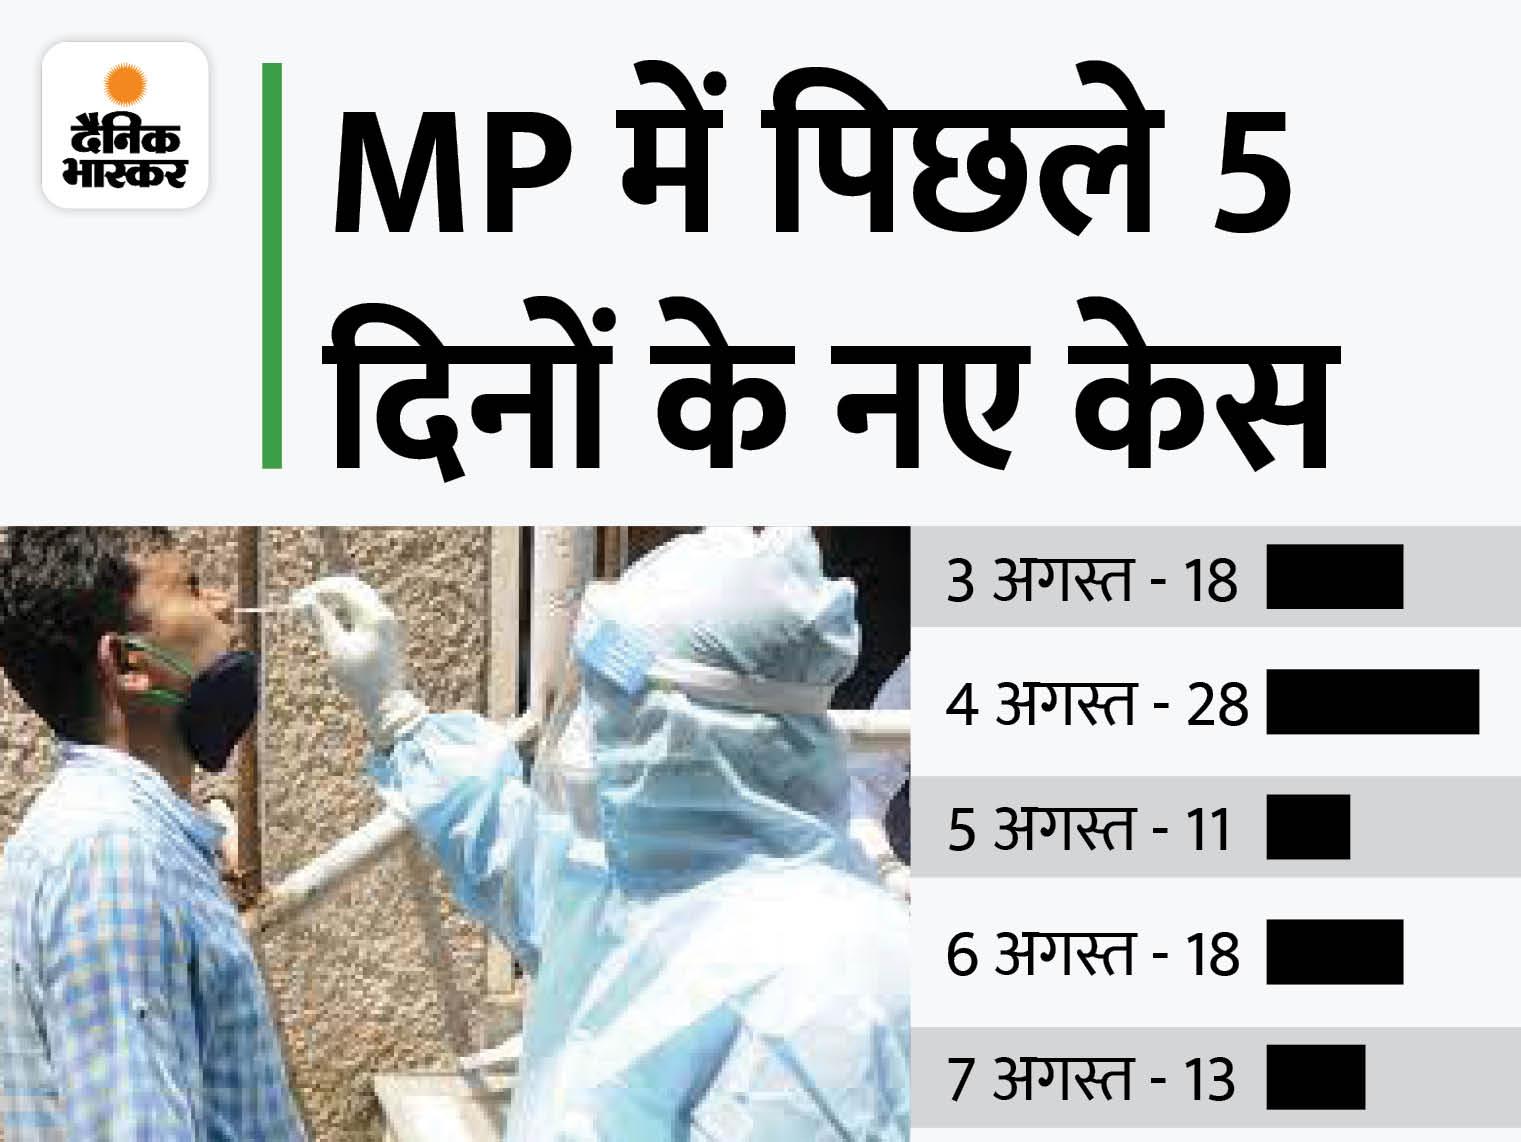 7 जिलों में 13 नए केस, दमोह में 4 दिन में 21 पॉजिटिव मिले; राजगढ़, मंदसौर, टीकमगढ़ में भी मिले संक्रमित|मध्य प्रदेश,Madhya Pradesh - Dainik Bhaskar